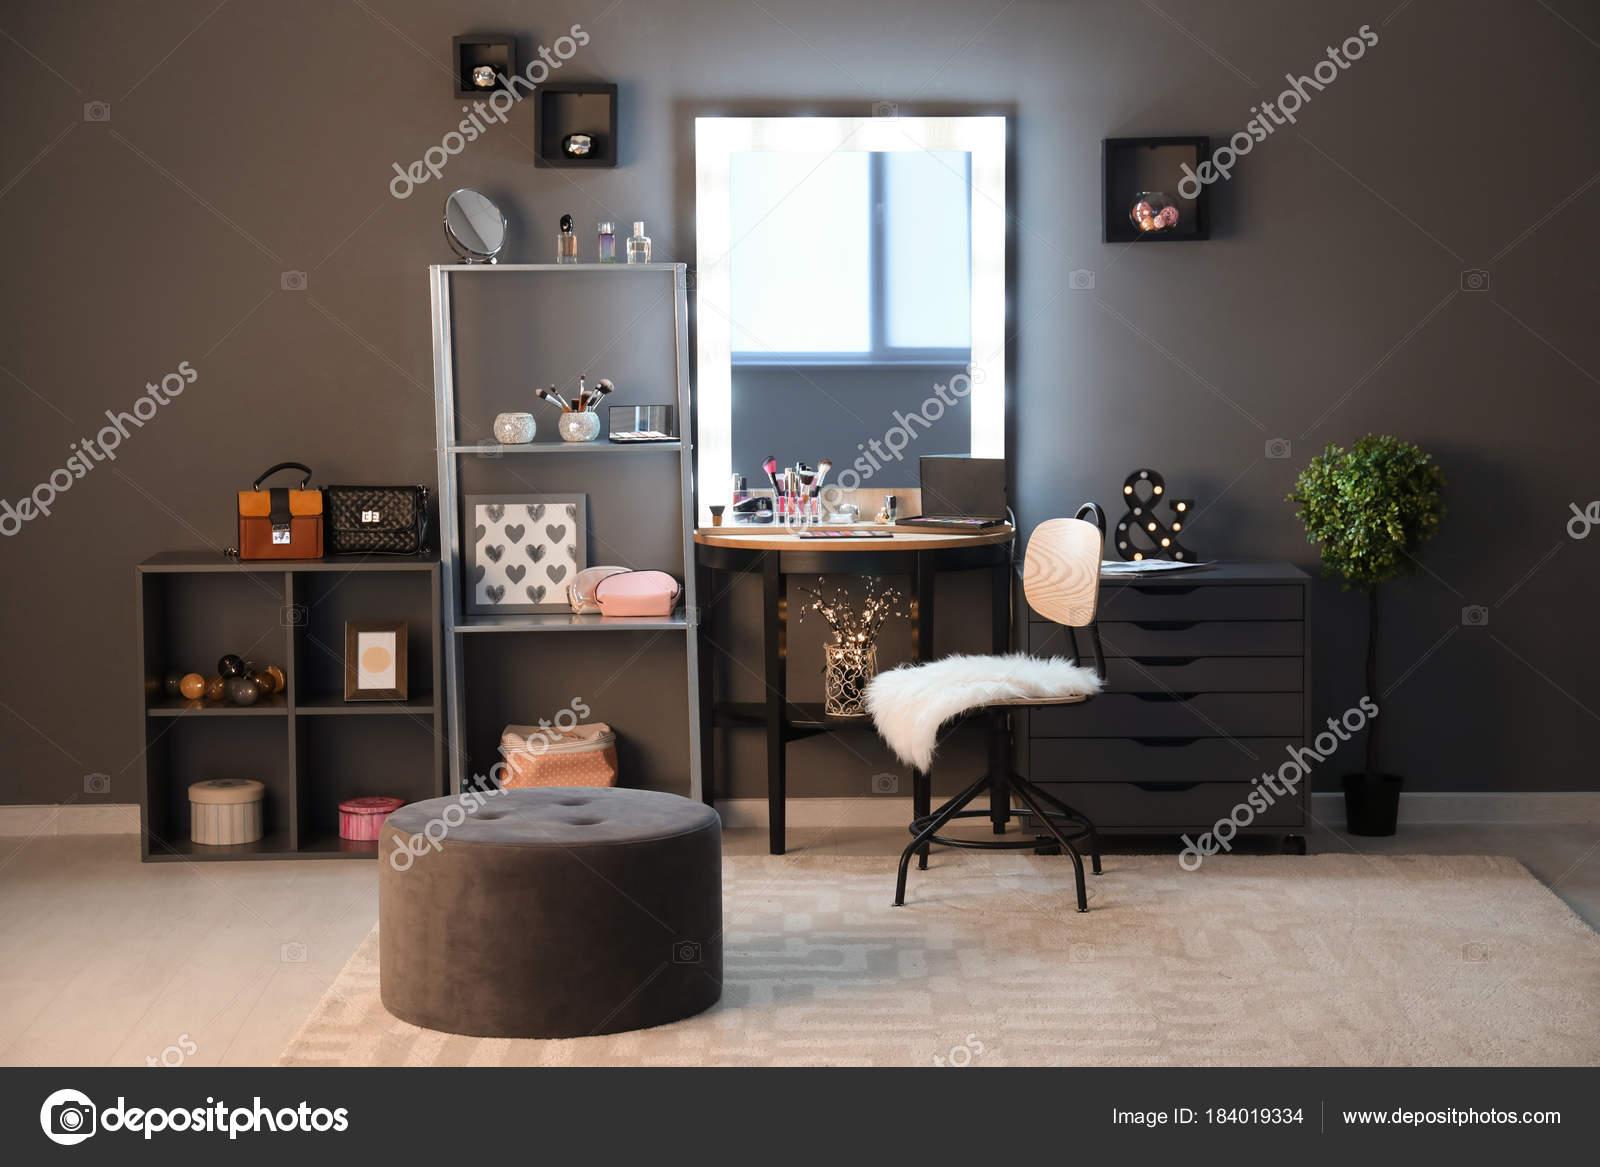 Nieuw Interior Modern Makeup Room — Stock Photo © belchonock #184019334 OA-31